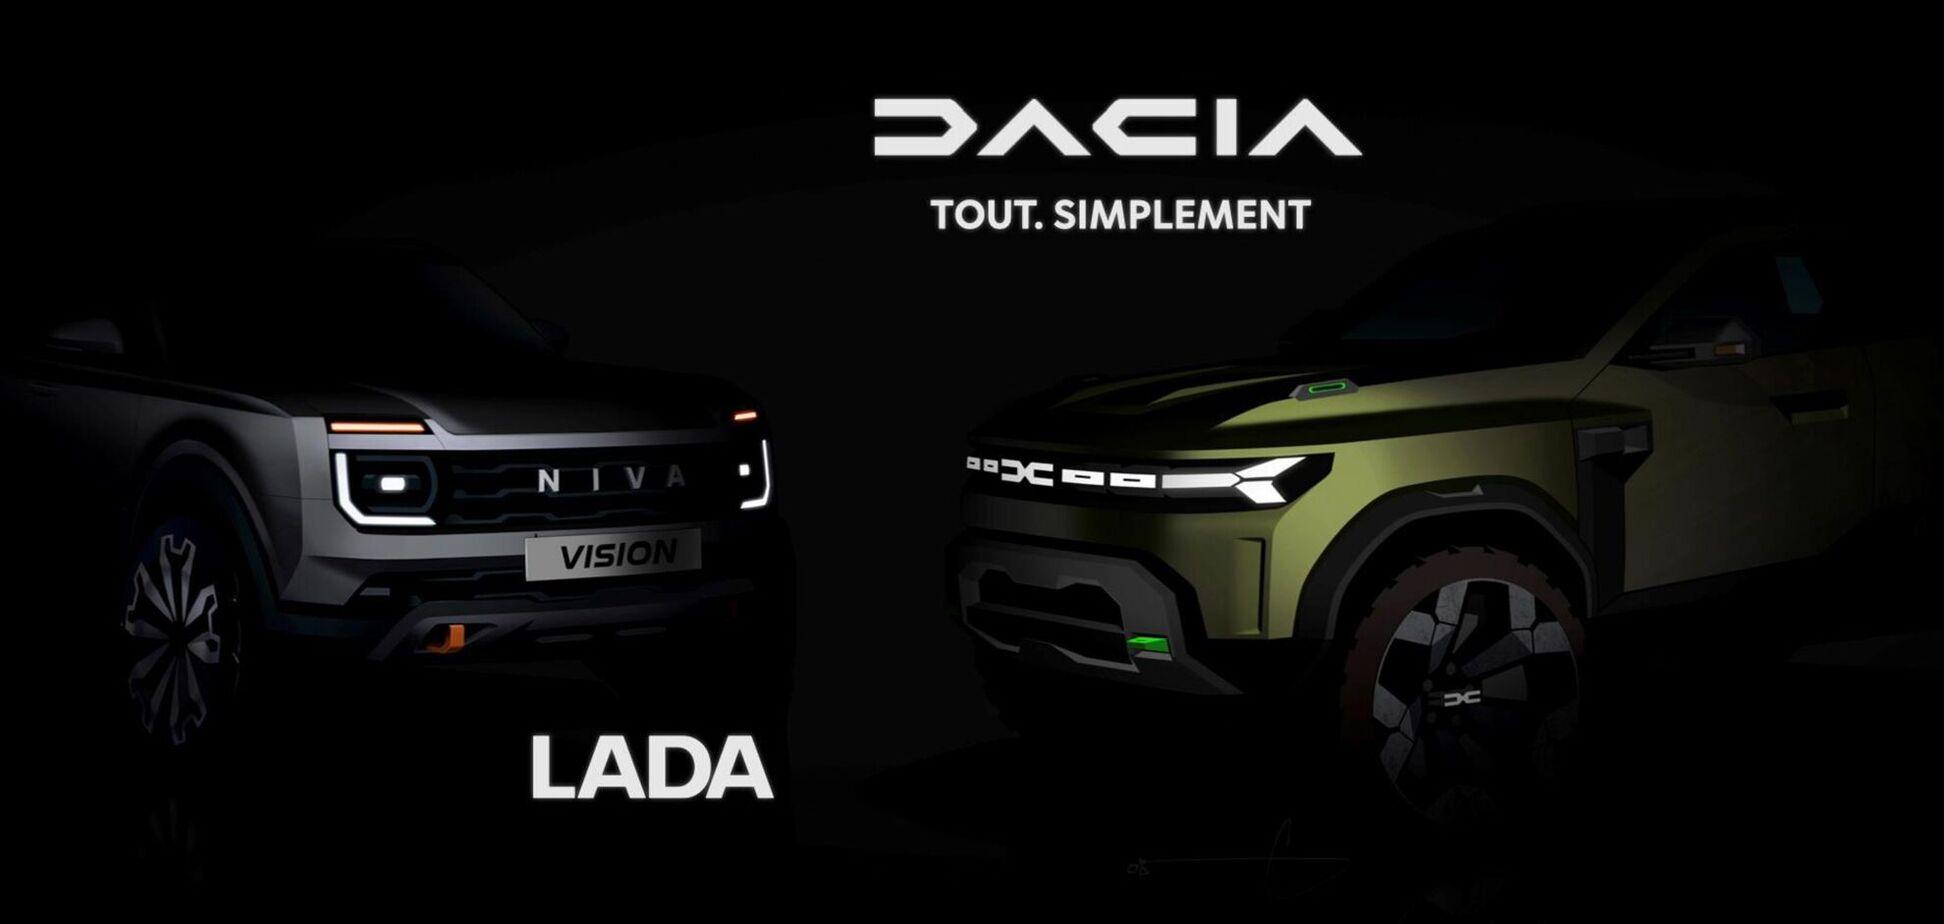 Автомобілі Lada перетворяться на Dacia